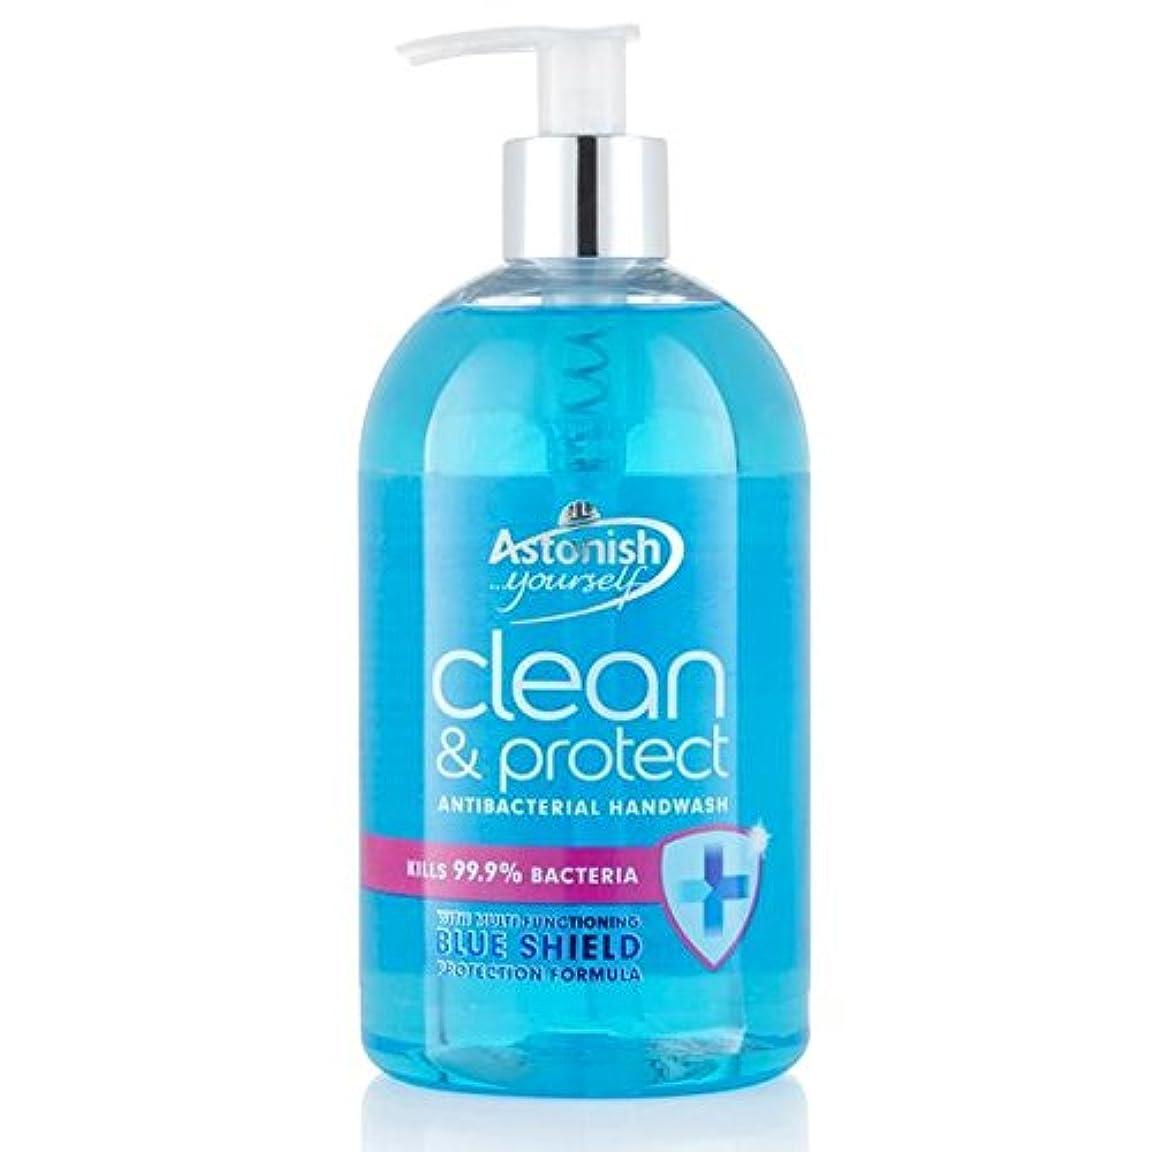 接ぎ木かご合併症Astonish Clean & Protect Hand Wash 500ml (Pack of 6) - クリーン驚か&ハンドウォッシュ500ミリリットルを保護 x6 [並行輸入品]